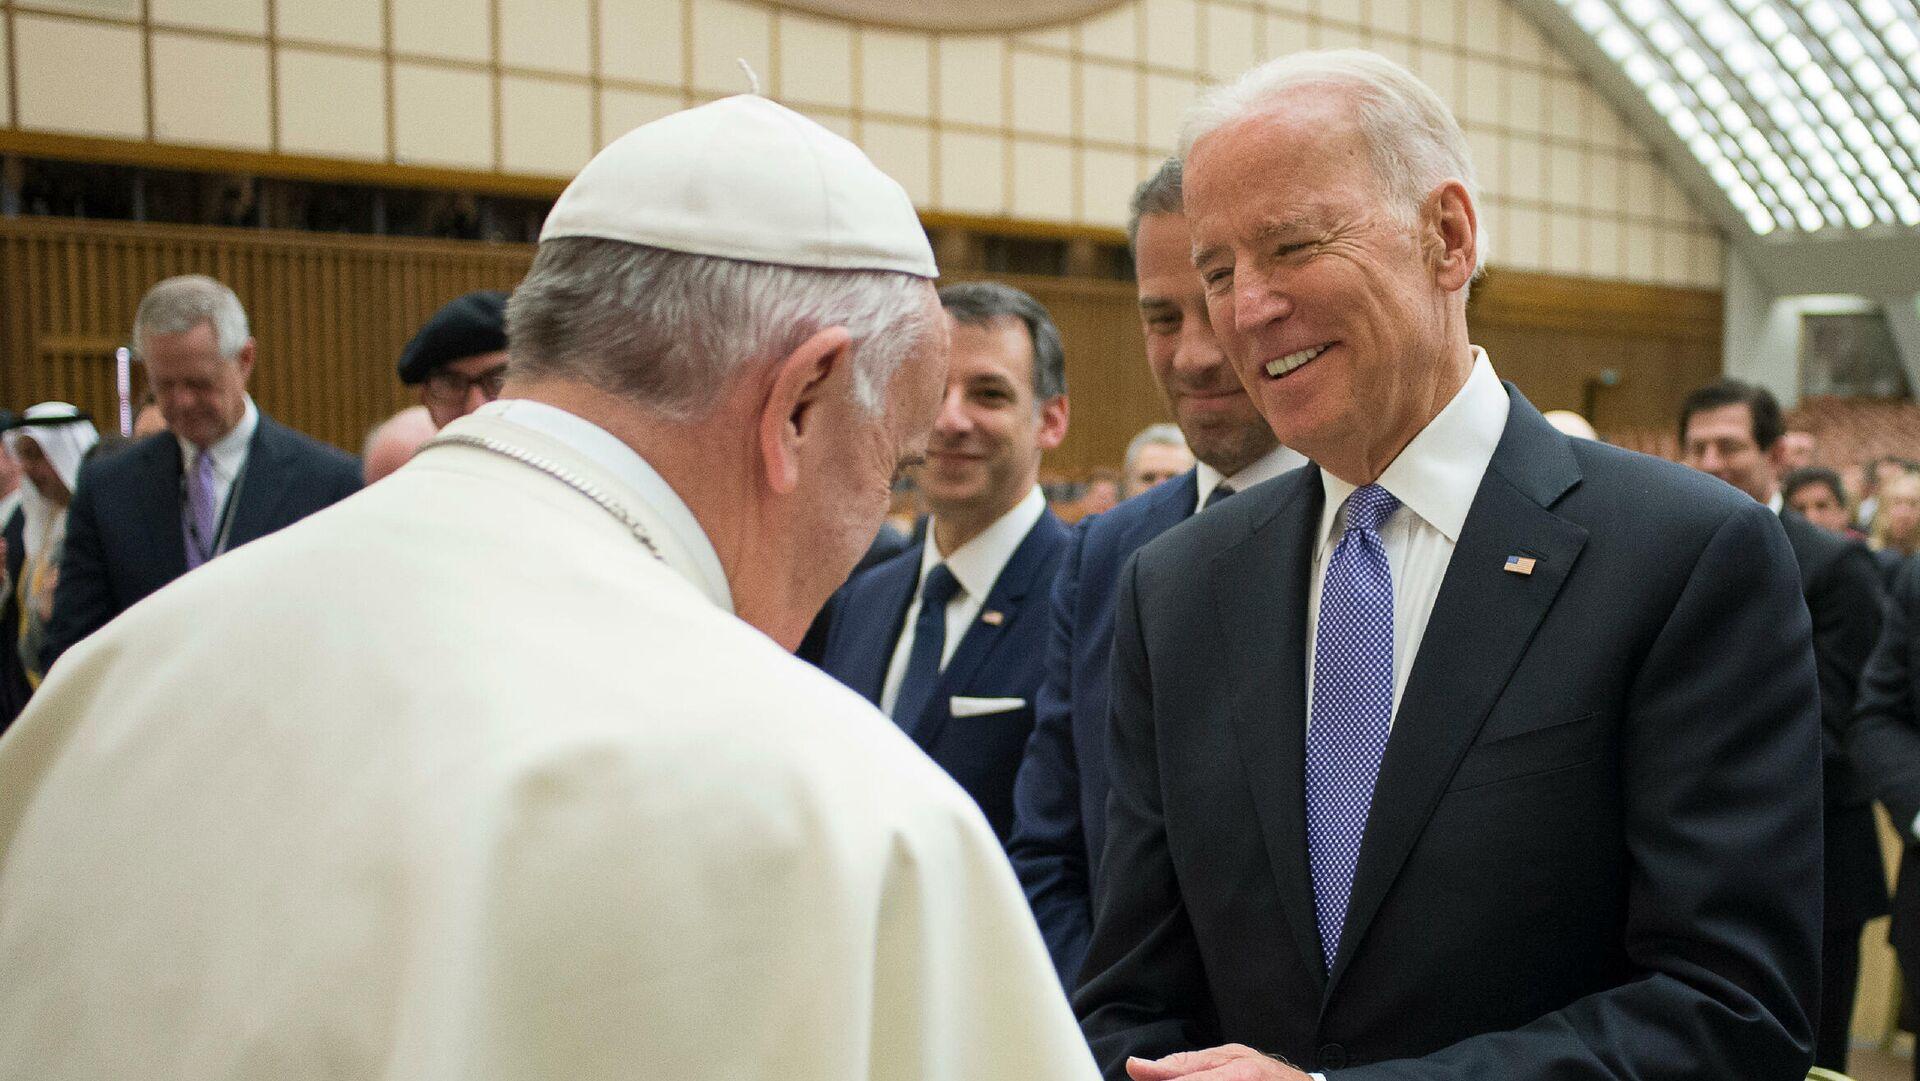 Джо Байден и Папа Римский Франциск в Ватикане  - РИА Новости, 1920, 05.02.2021